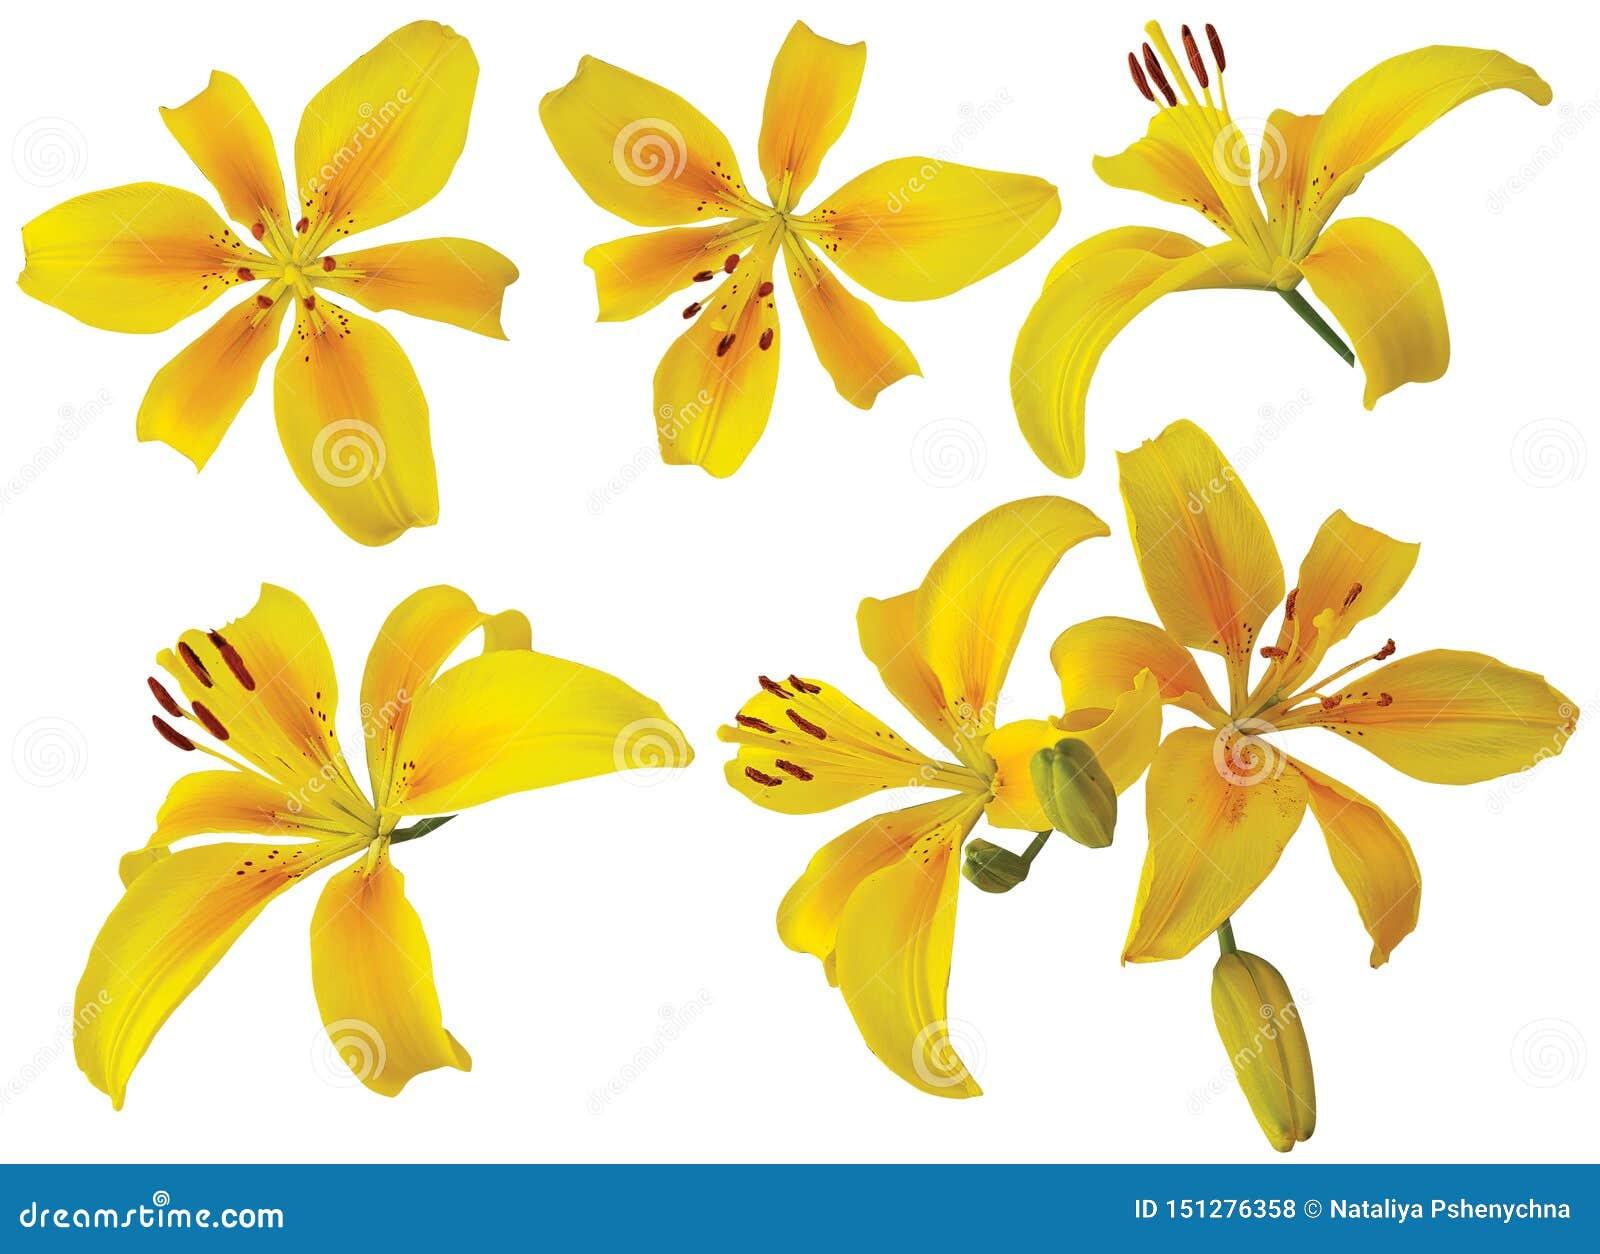 Únicas flores amarelas do lírio no fundo branco